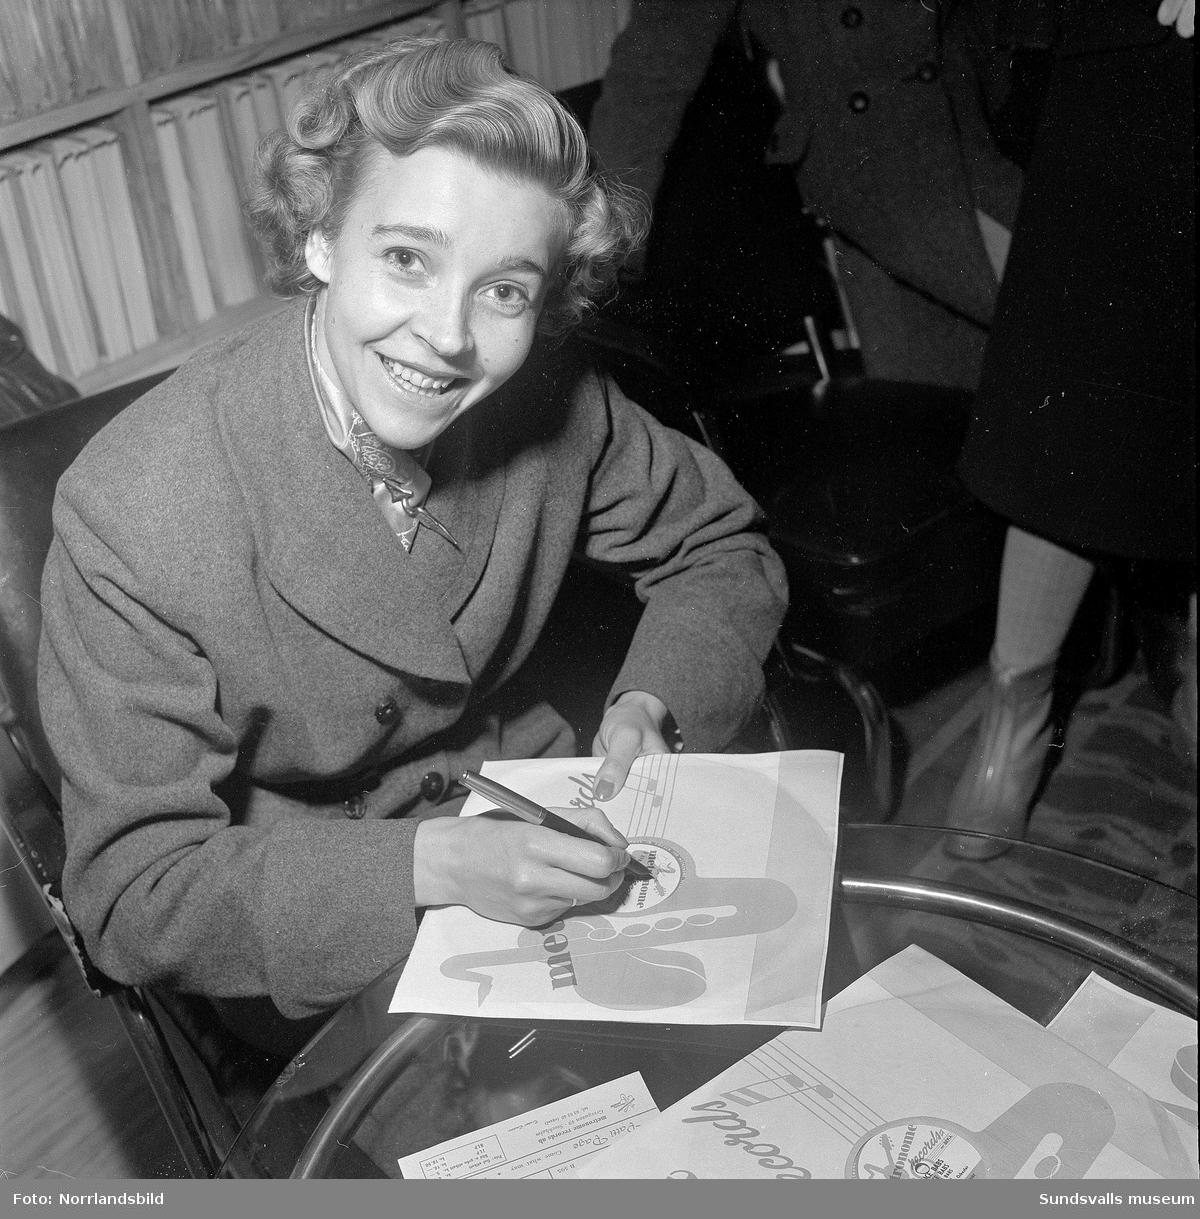 Sångerskan Alice Babs signerar skivor på Luxor radio i Sundsvall.